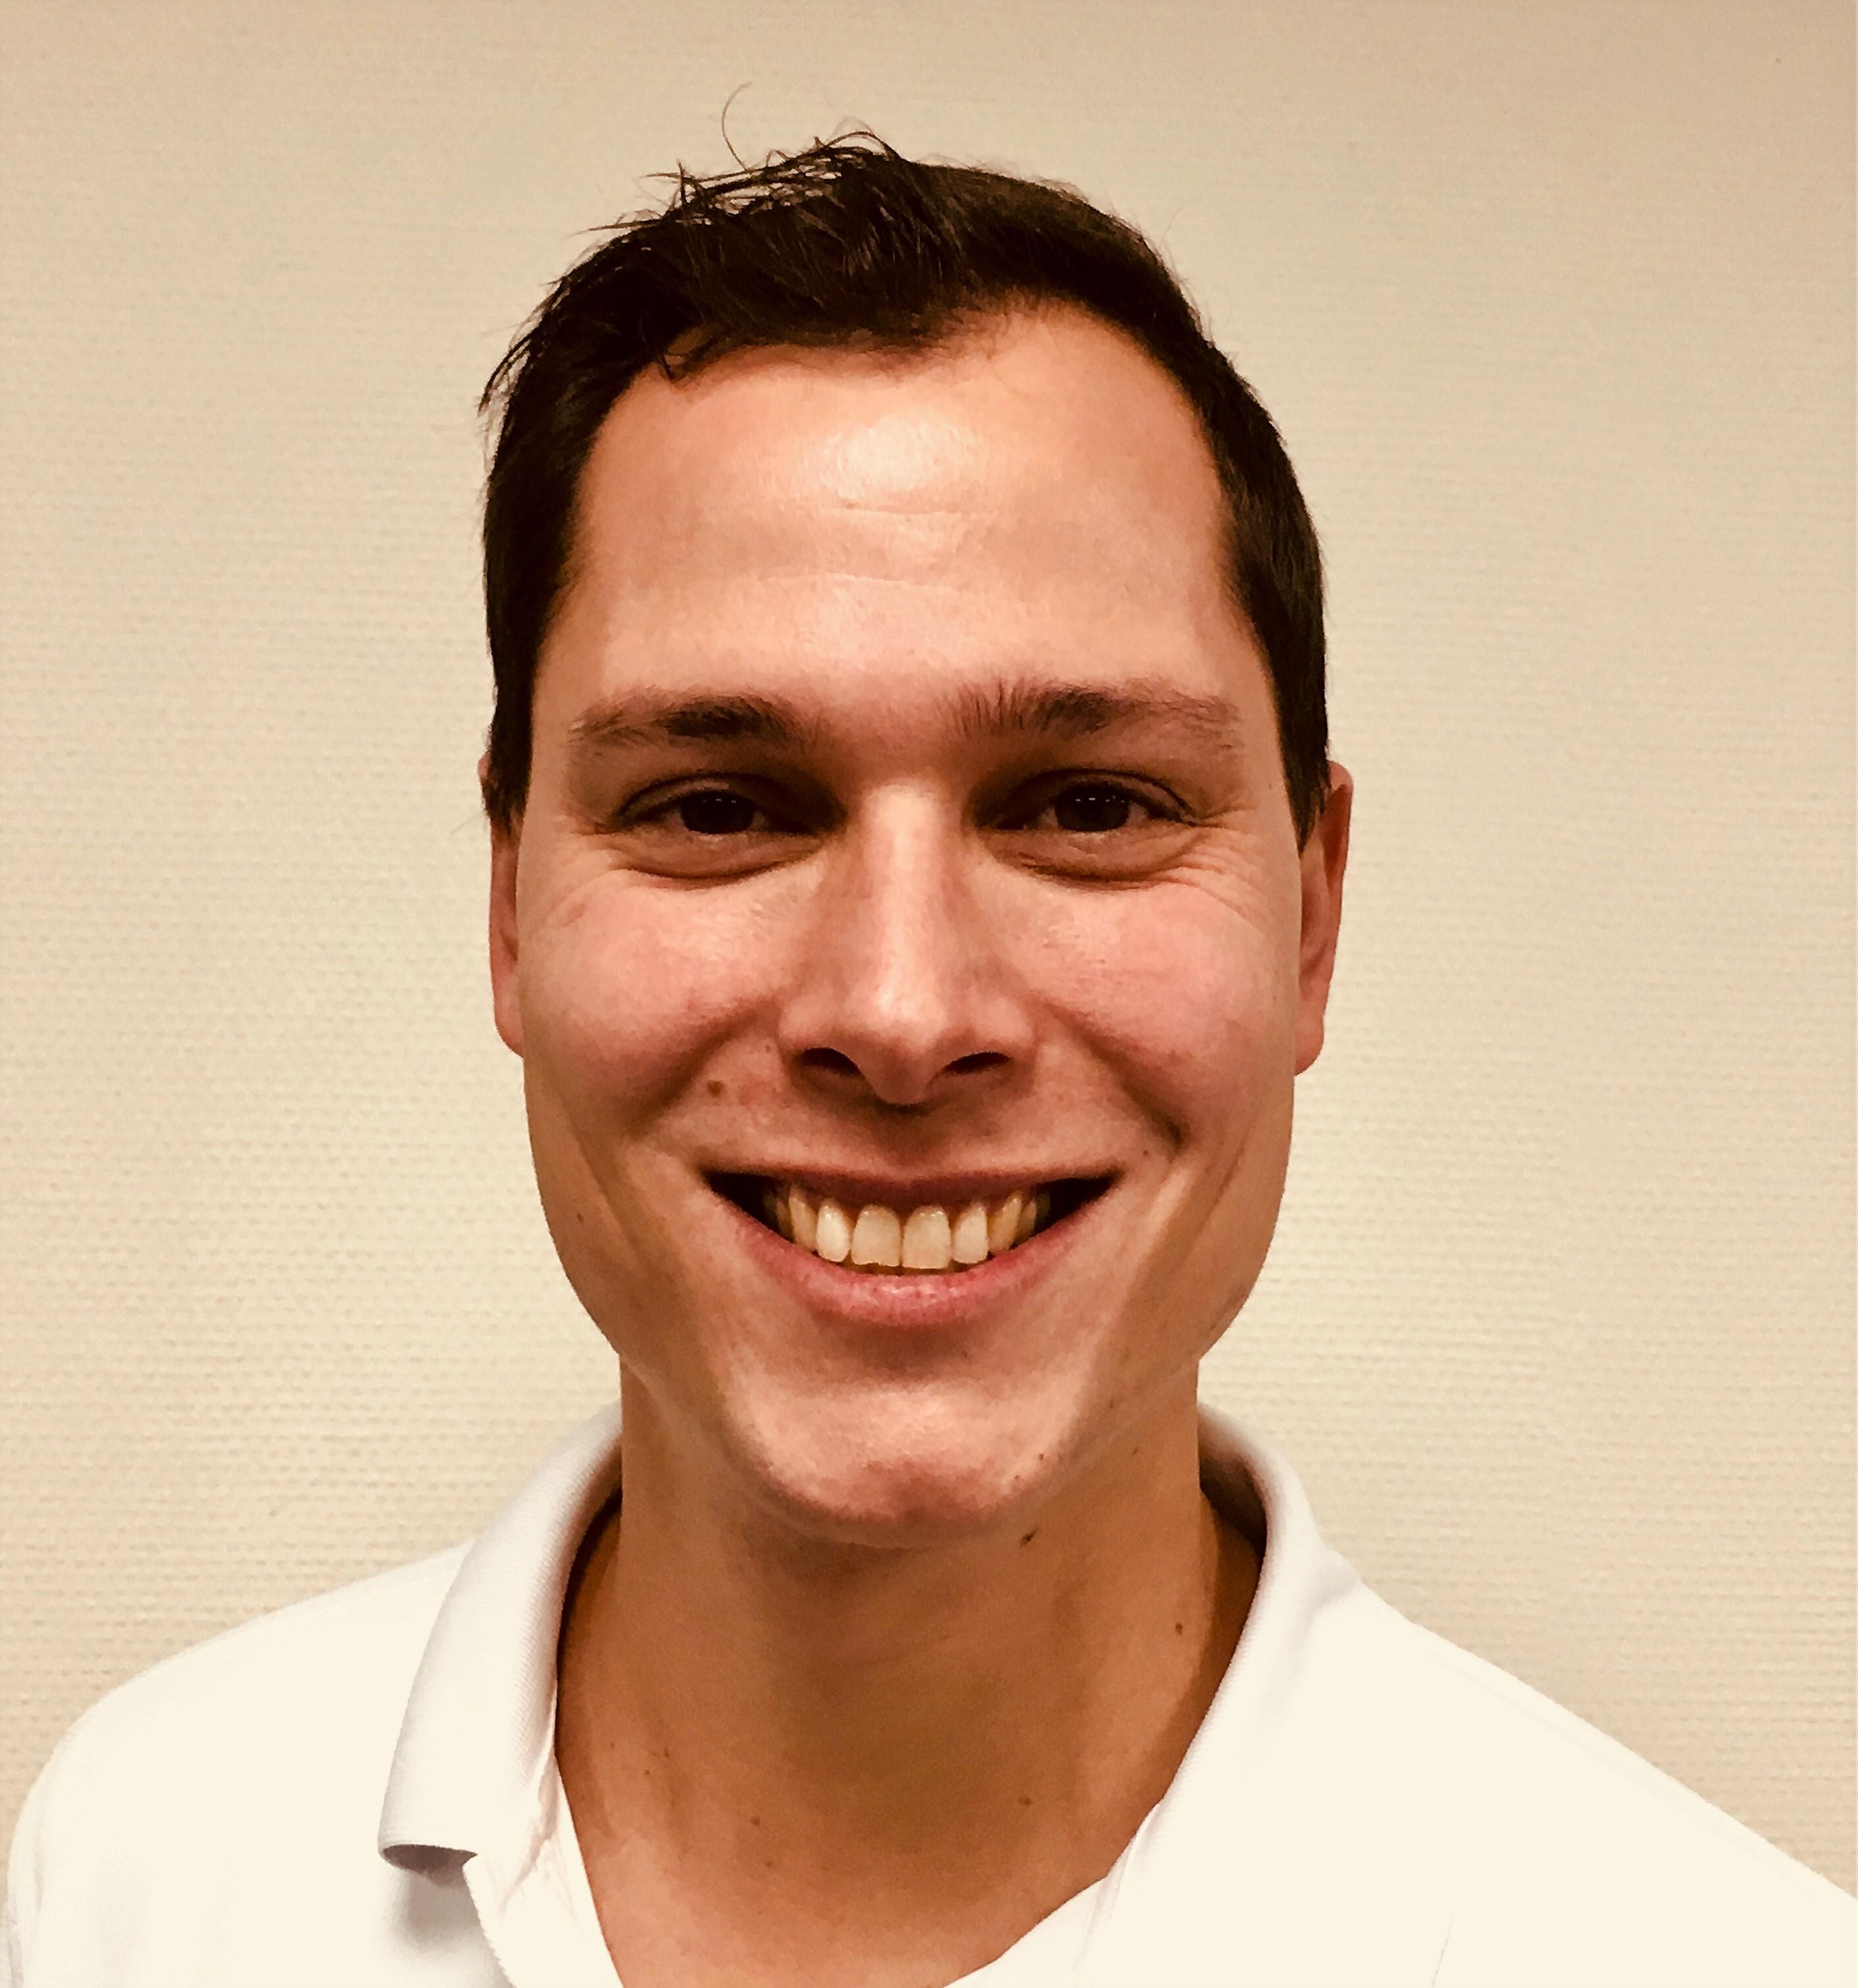 Fysiotherapie Woerden Eewold -Tim van Haperen